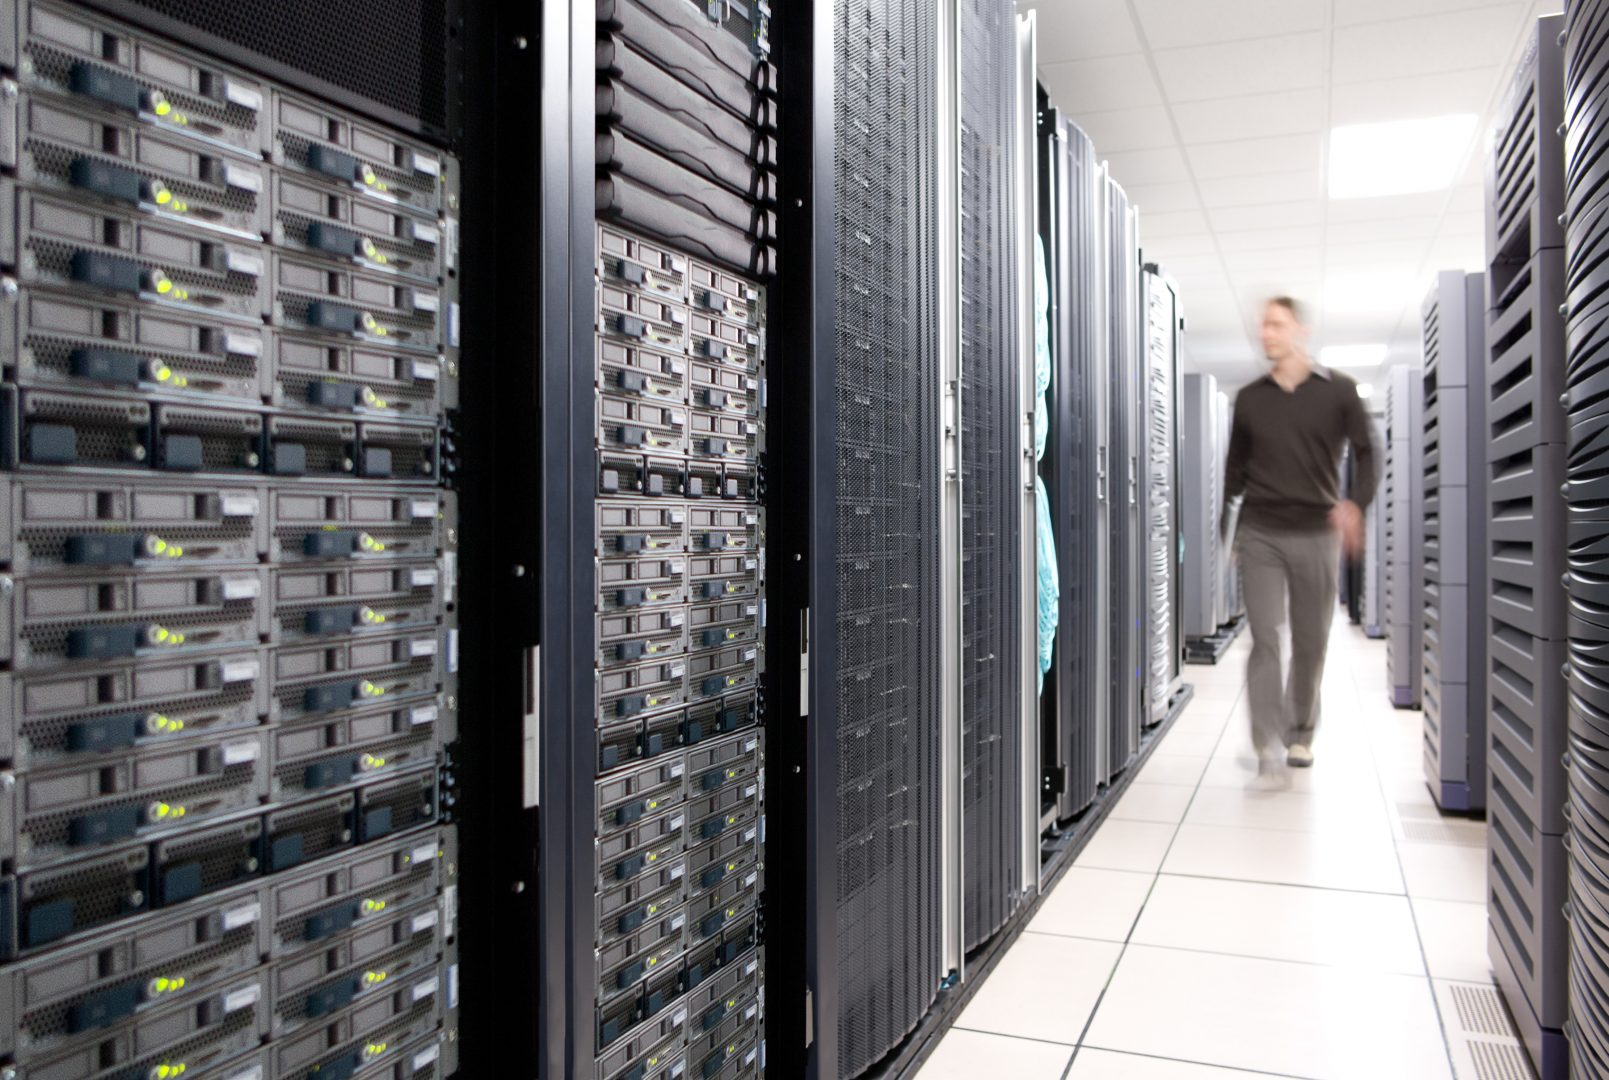 data center rack rows